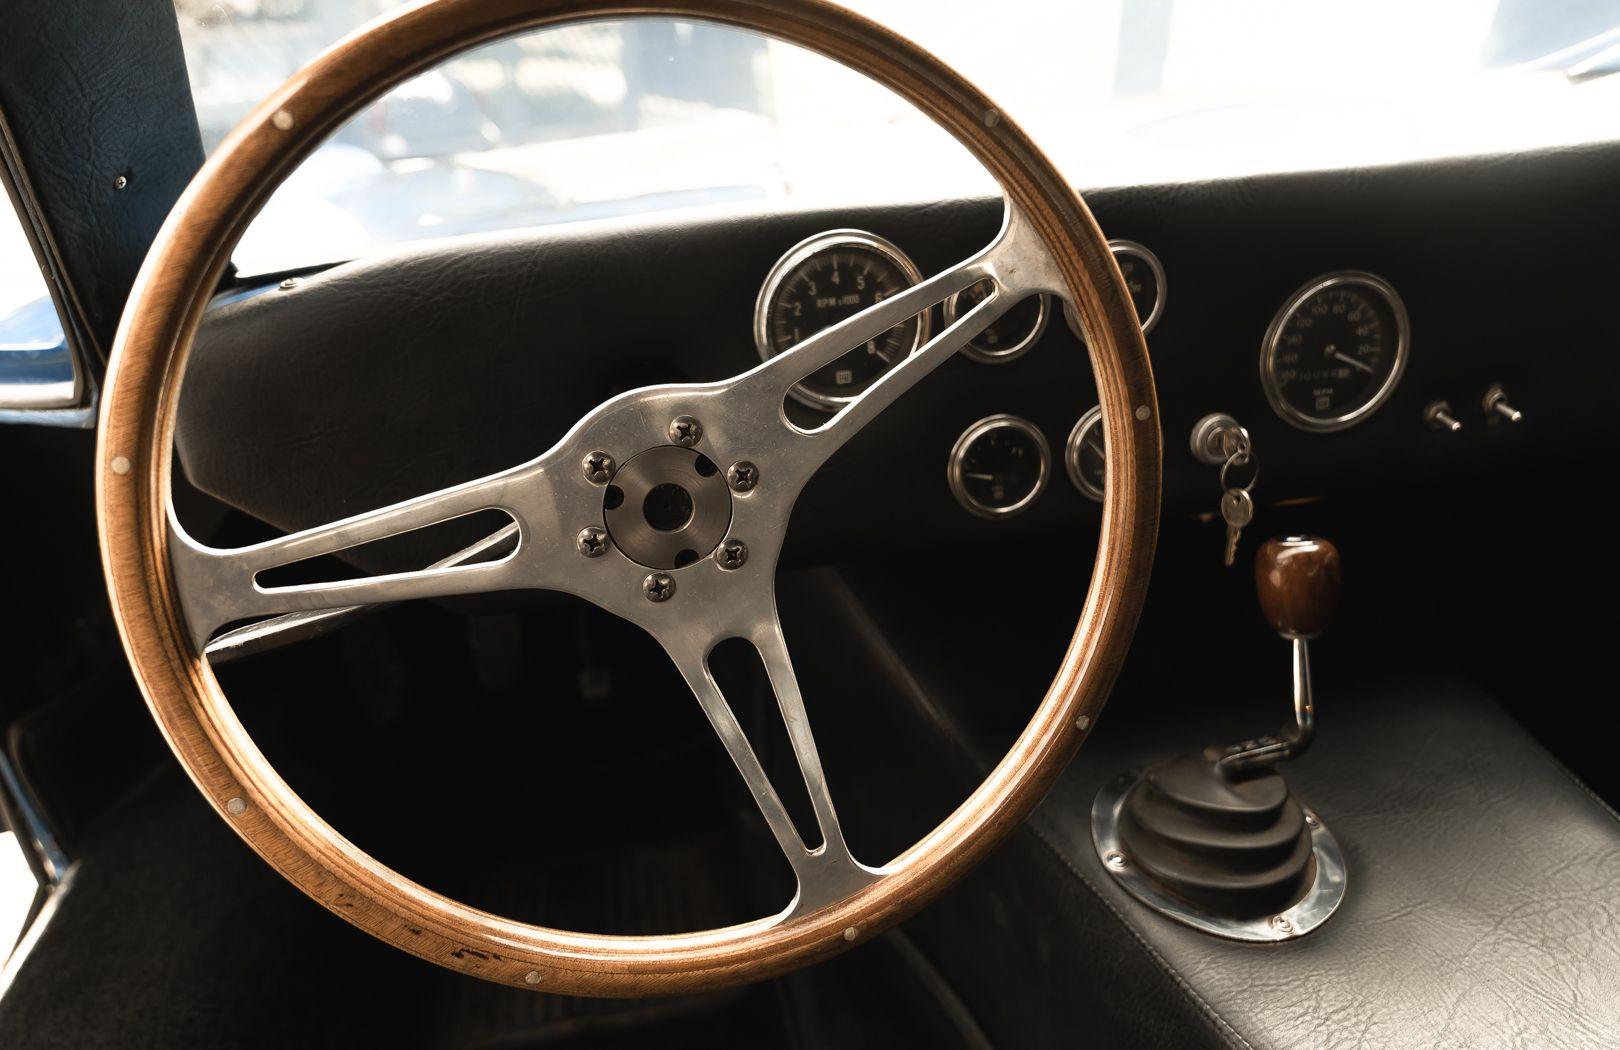 1965 Shelby Cobra Daytona Coupé Replica 84268